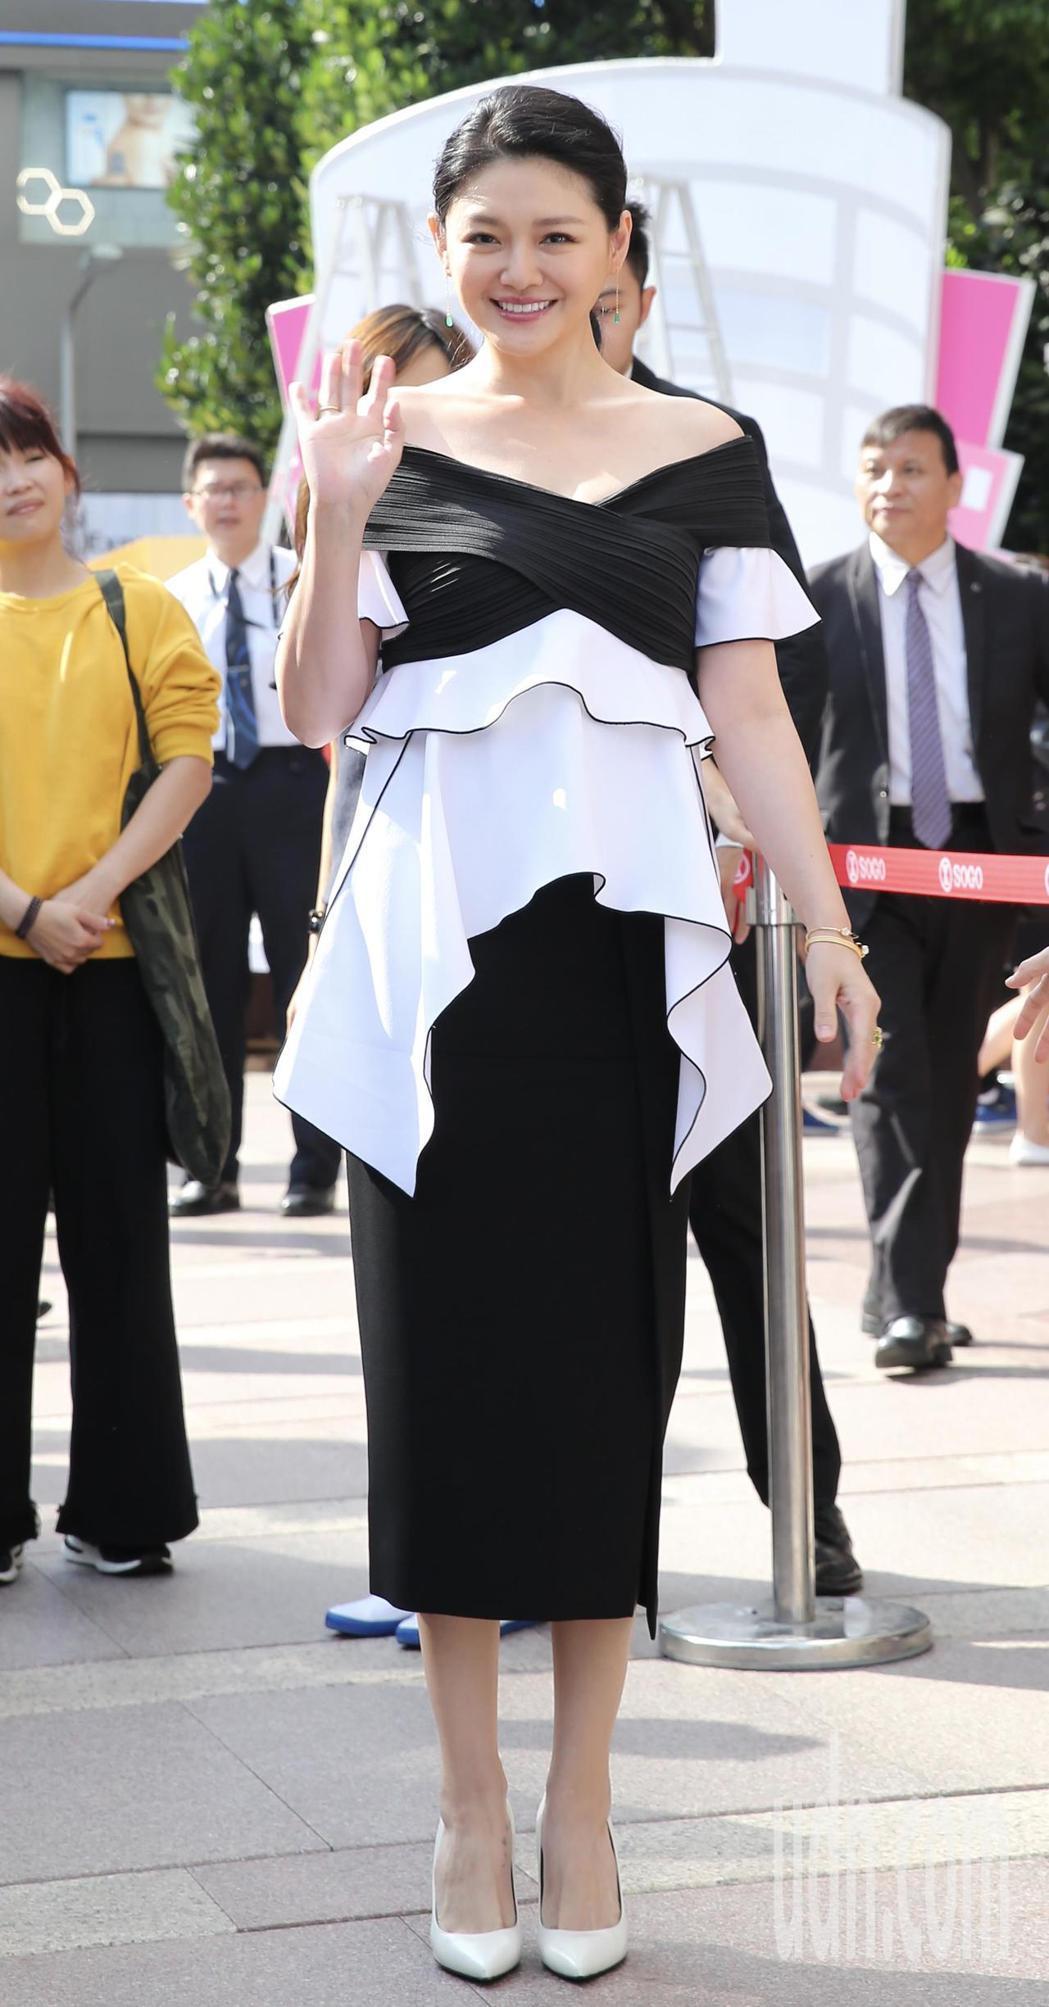 藝人大S下午出席SOGO百貨前活動,代言保養品牌。記者許正宏/攝影